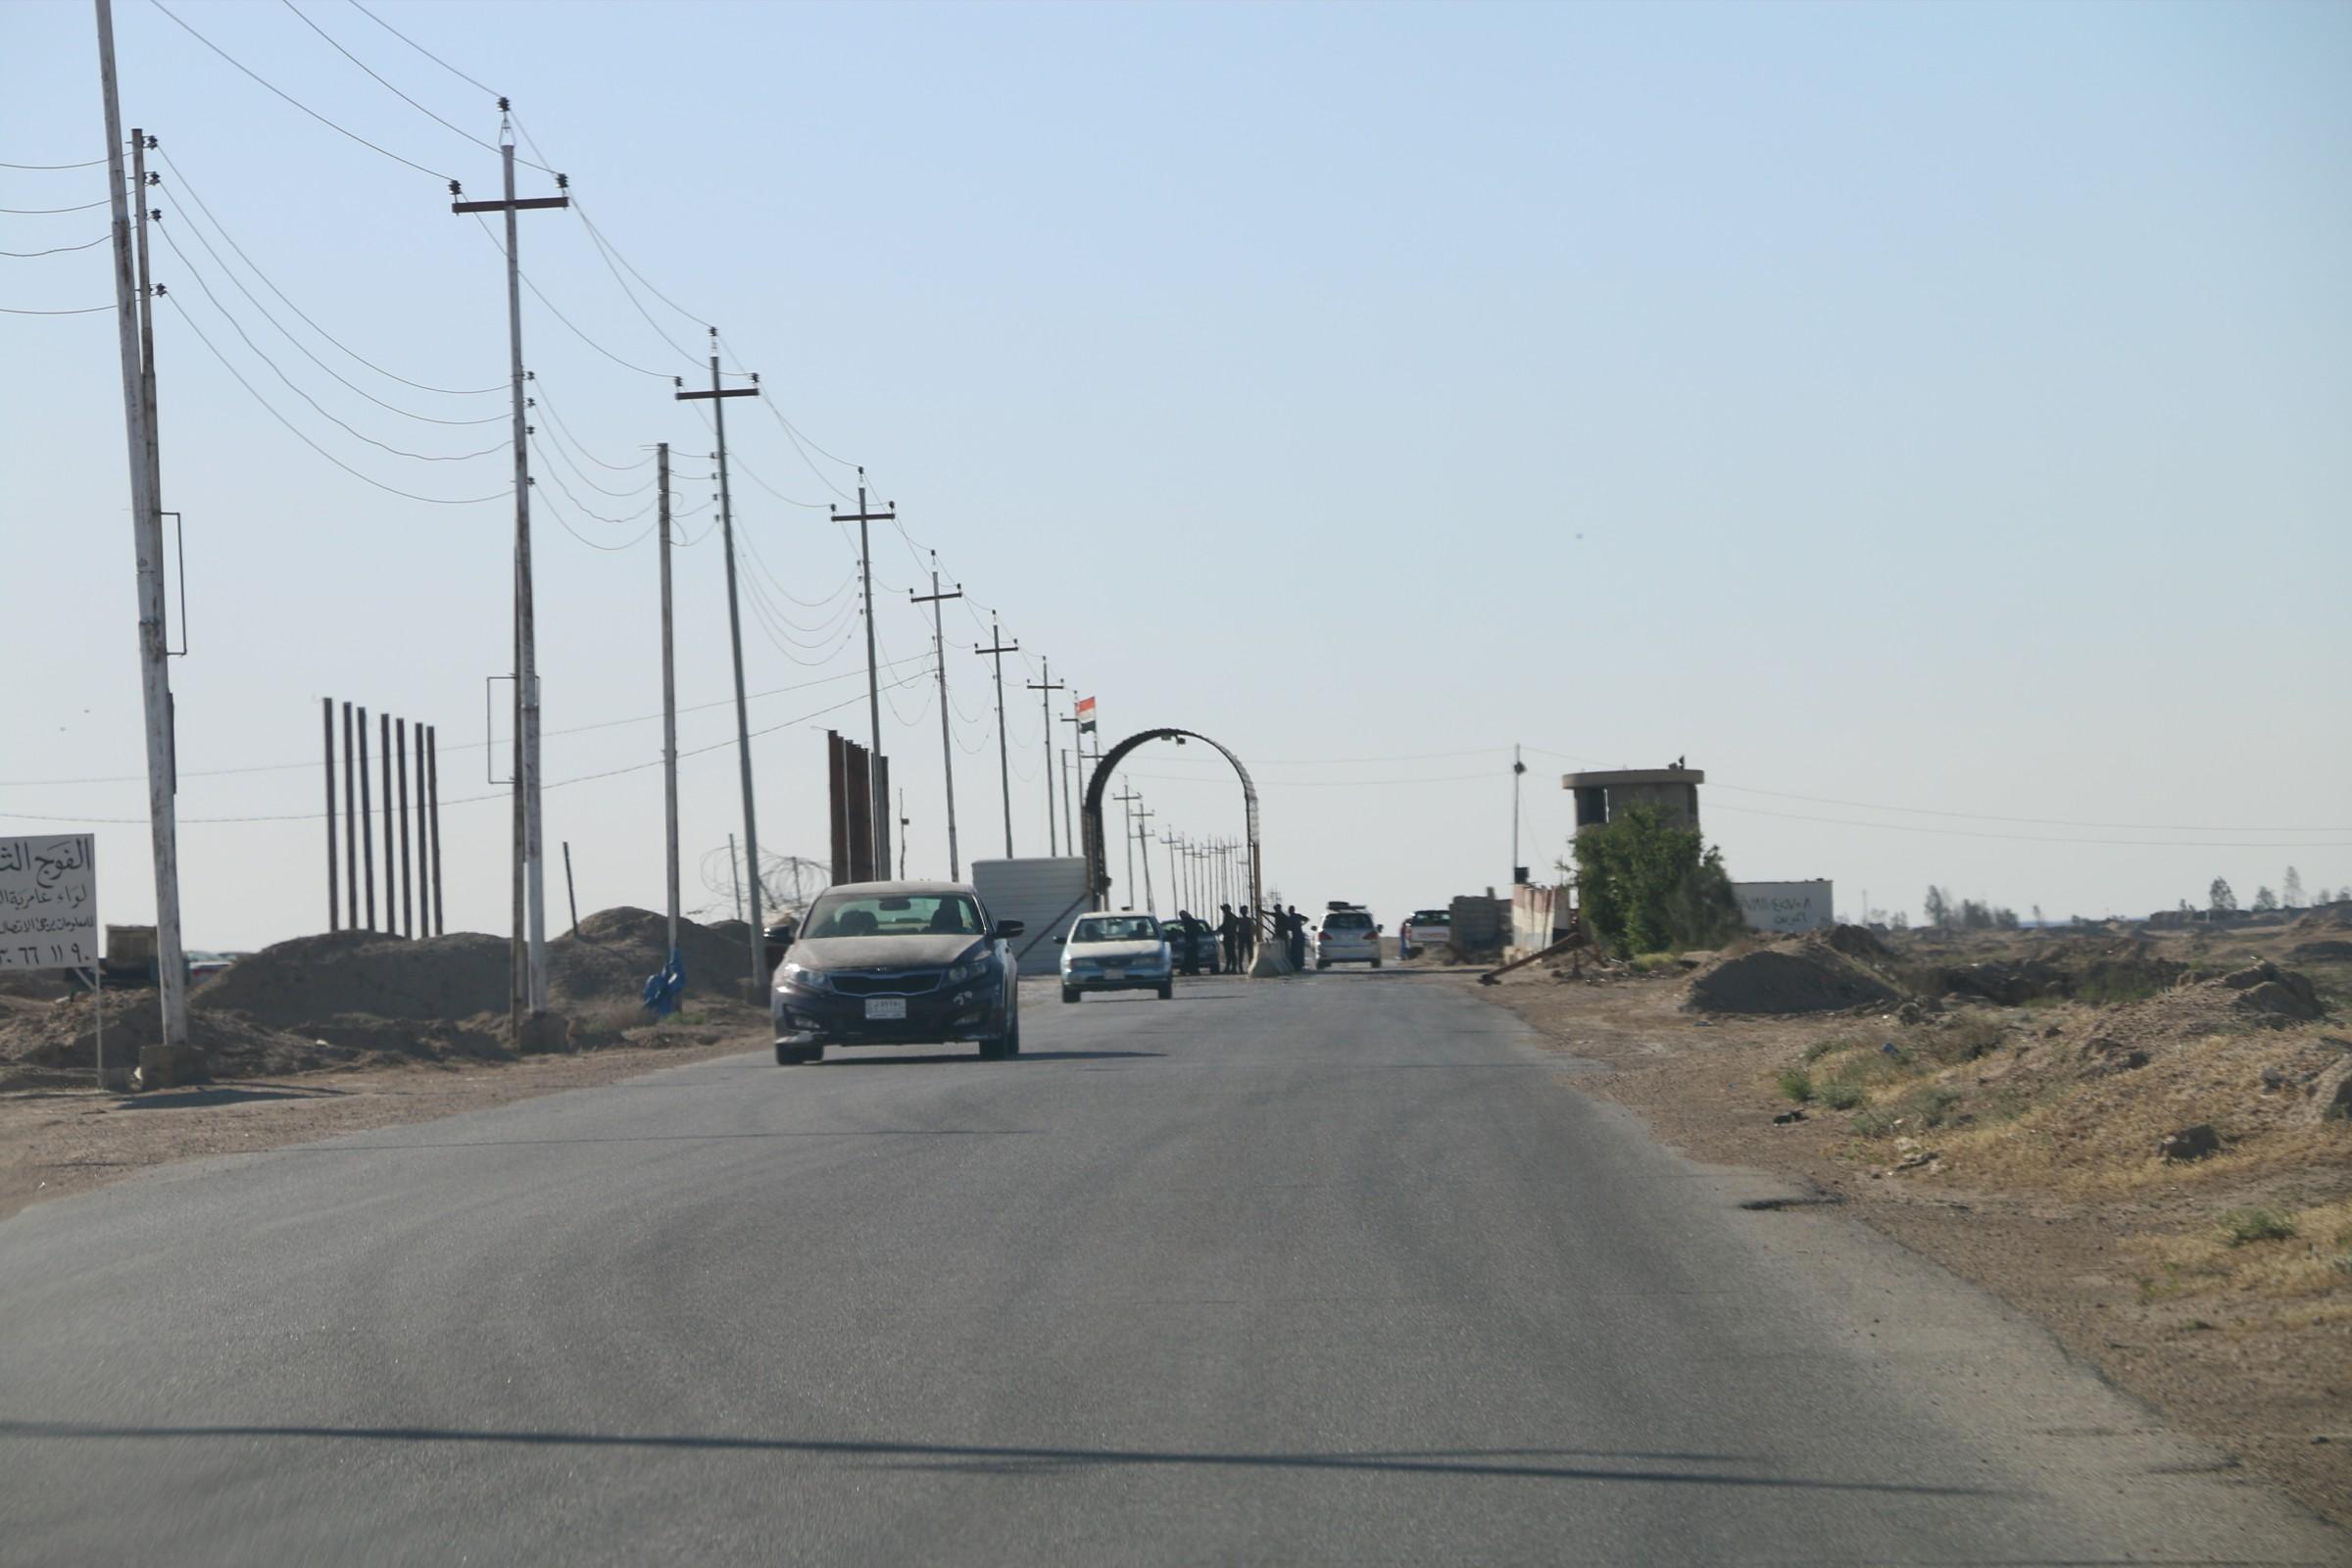 اصابة سبعة مدنيين بقصف لطائرات مجهولة استهدفت مصرفا غربي الانبار